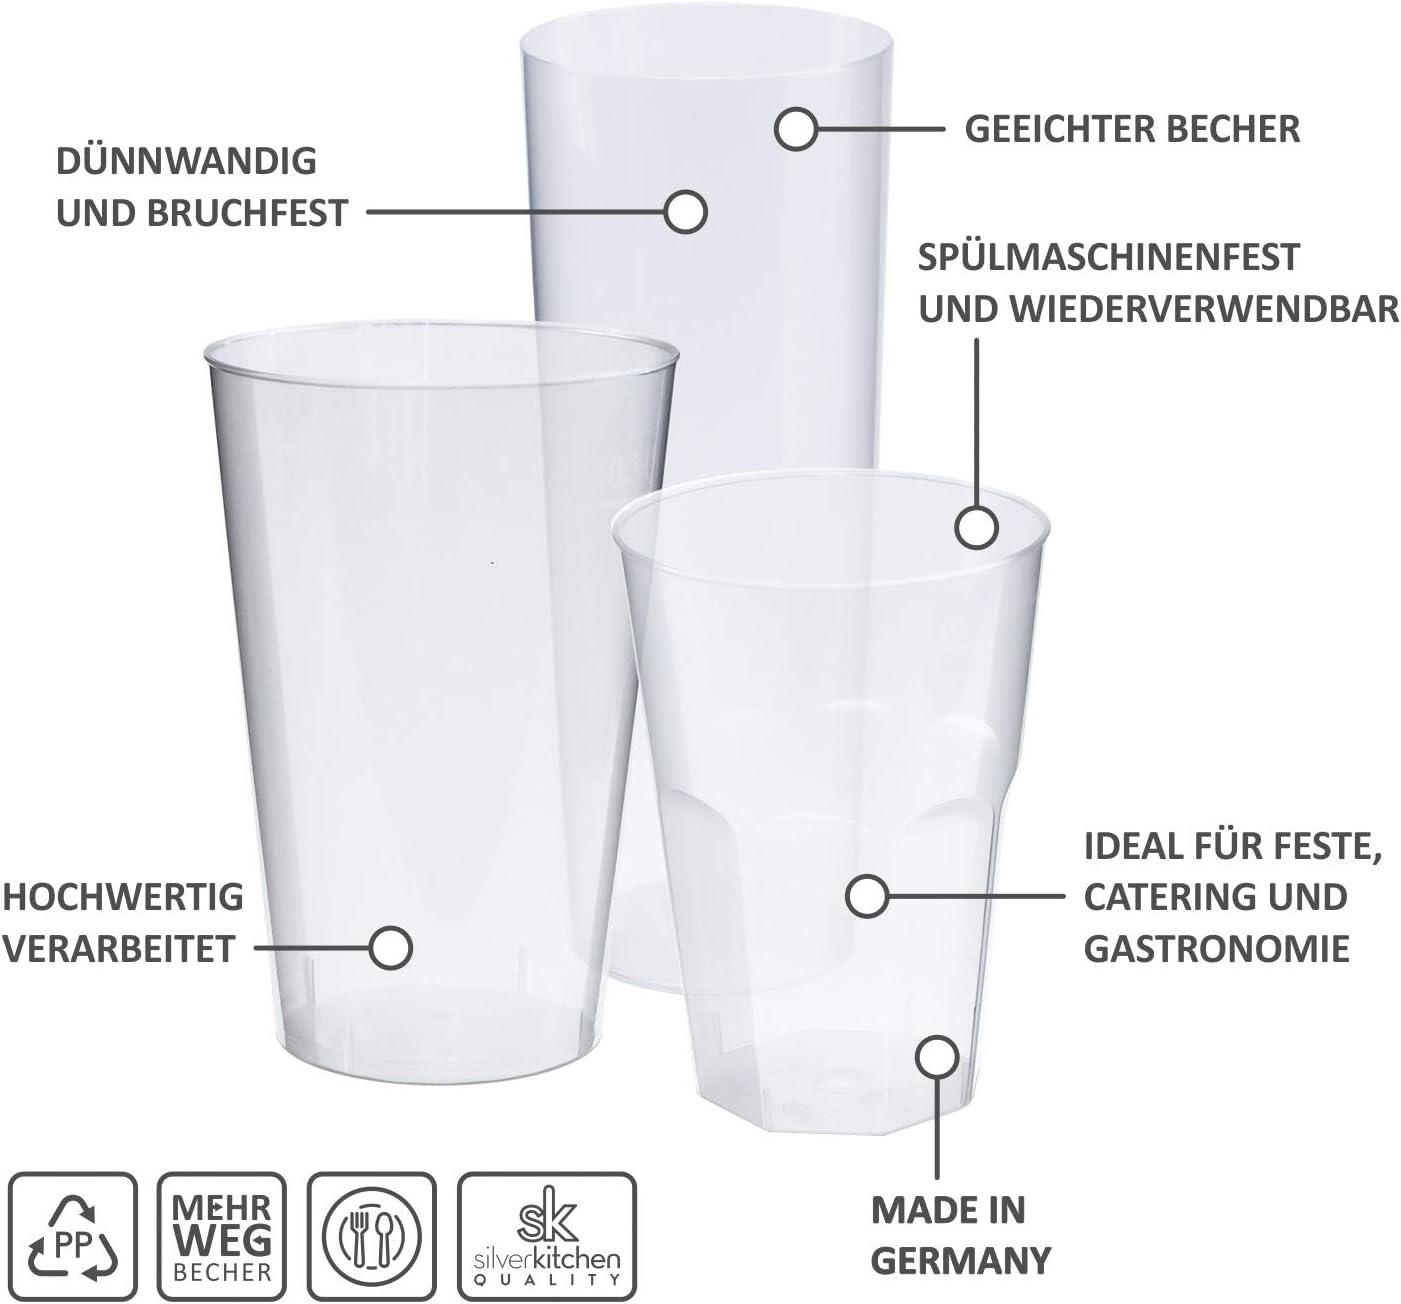 Plastik Trinkbecher alt Silverkitchen 25x Cocktail Becher 200ml transparent Bruchsichere Mehrwegbecher Wiederverwendbar aus PP 6-eckig Made In Germany Grillfest Catering zu Mehrweg